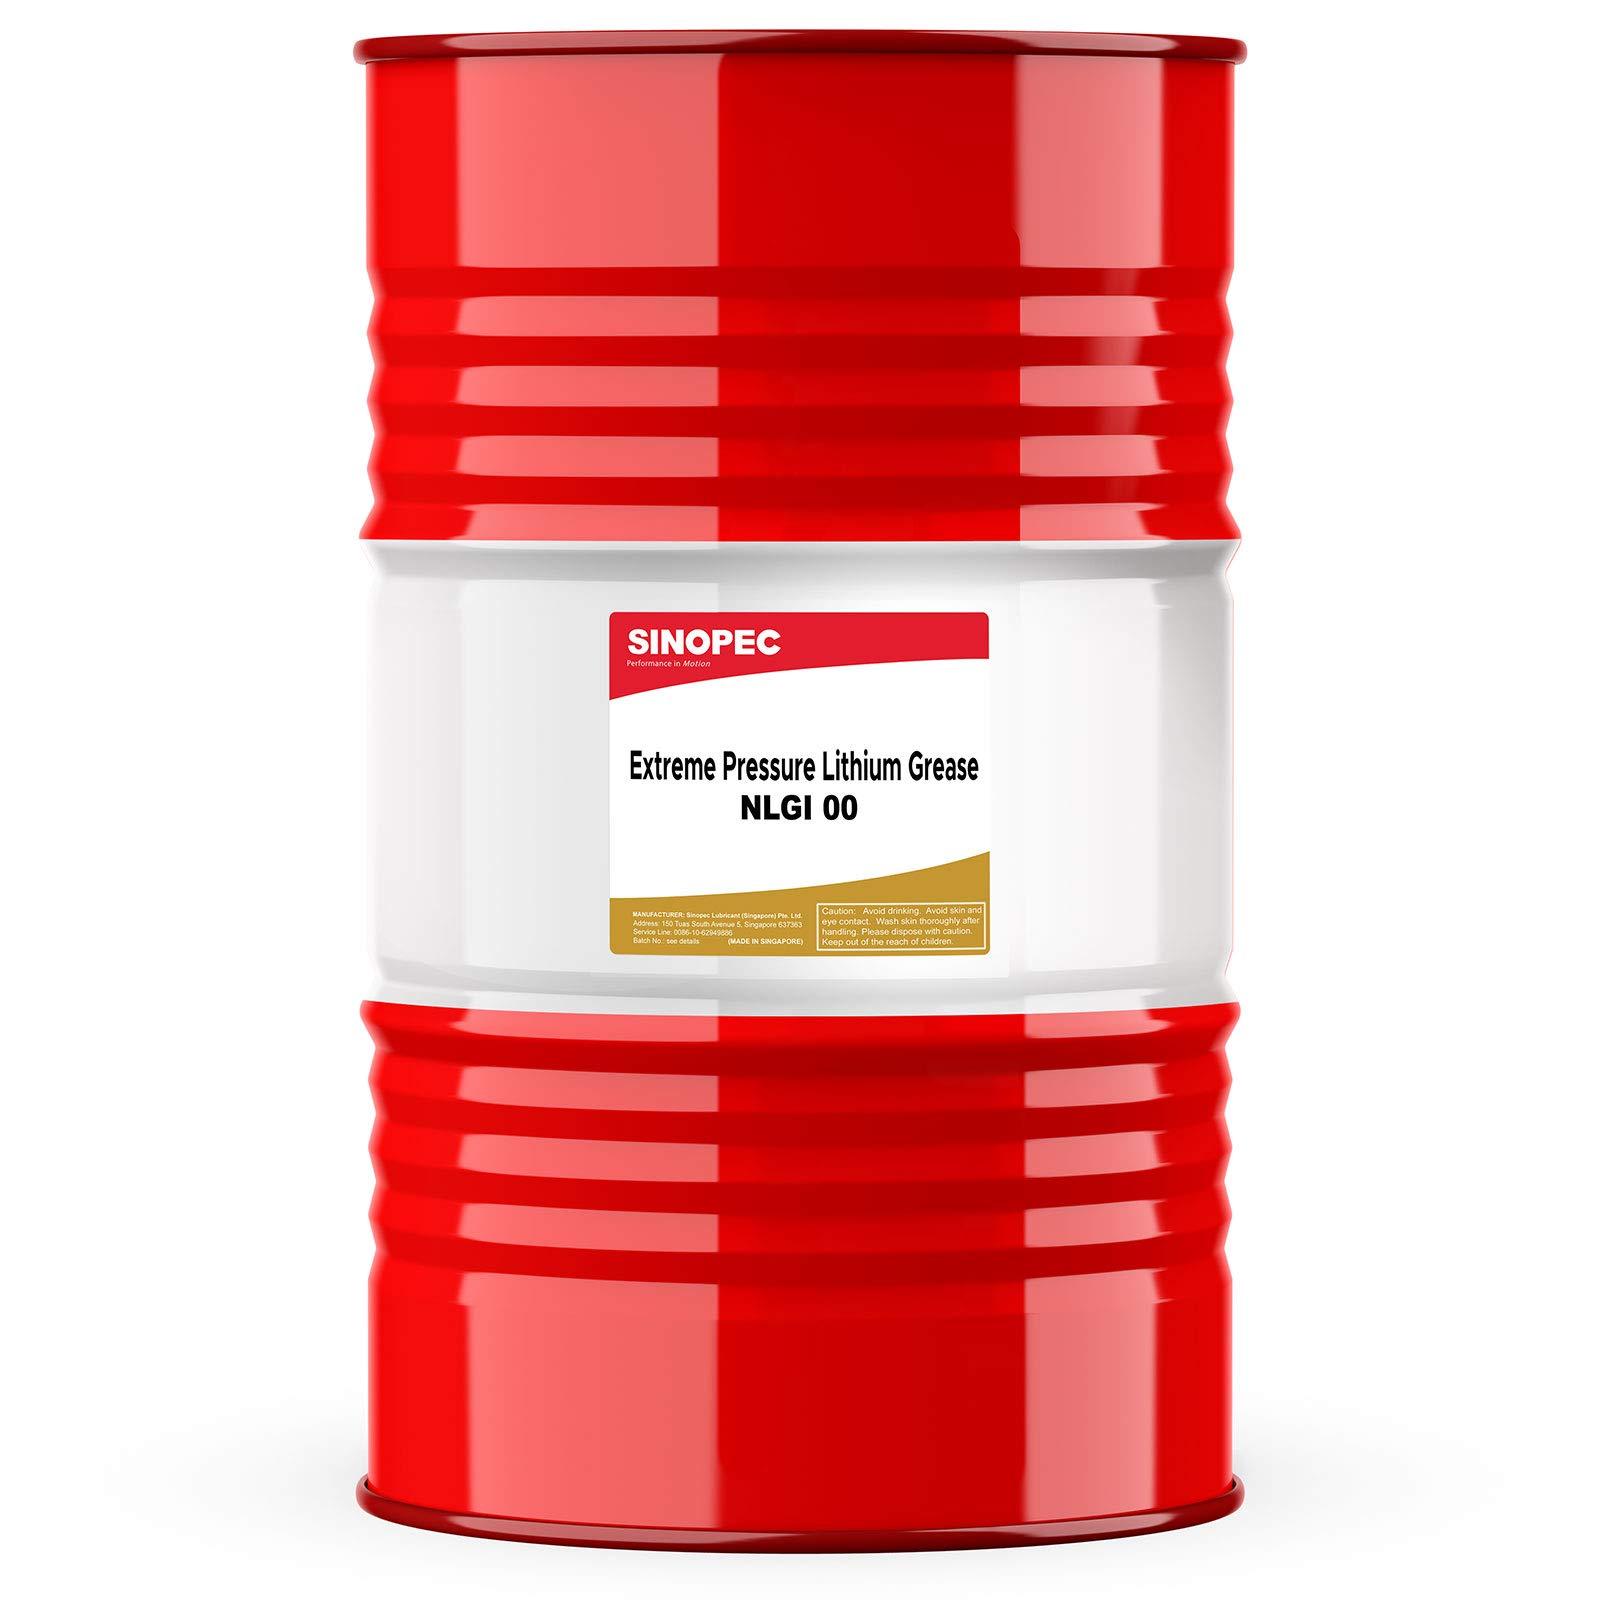 Sinopec (EP00) Extreme Pressure Multipurpose Lithium Grease, NLGI 00-400LB. (55 Gallon) Drum